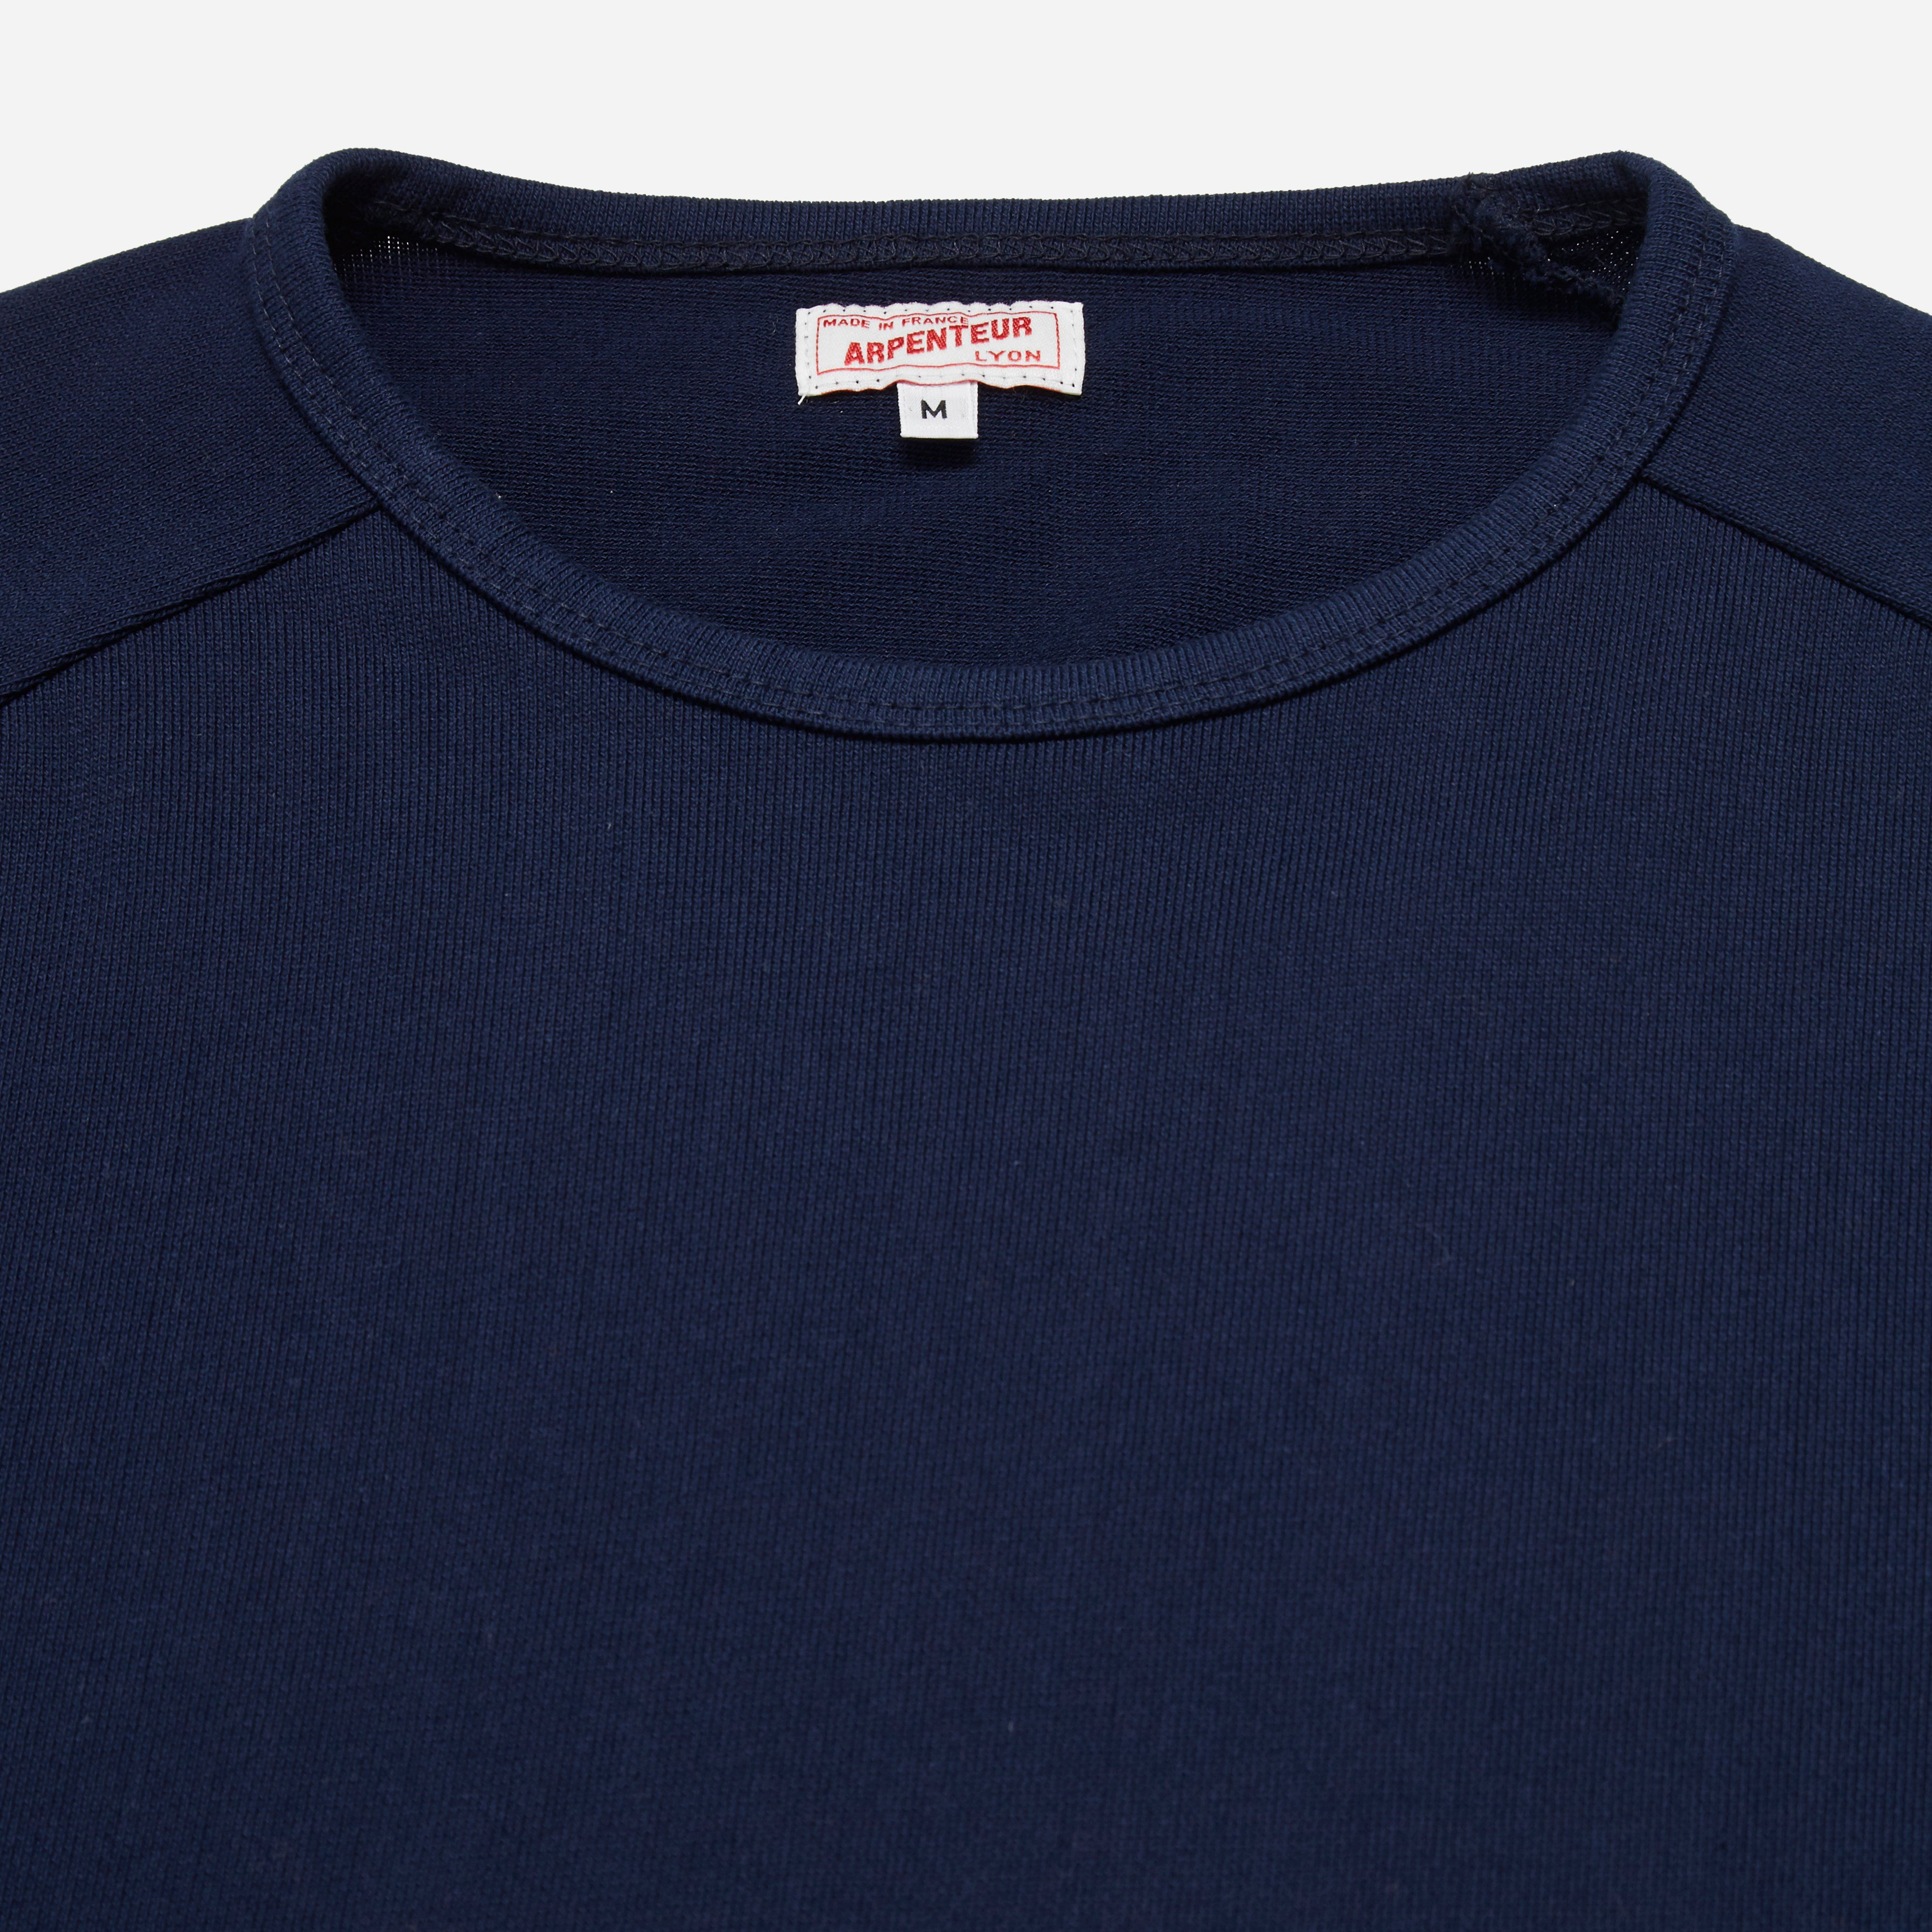 Arpenteur Zef Long Sleeve T-shirt